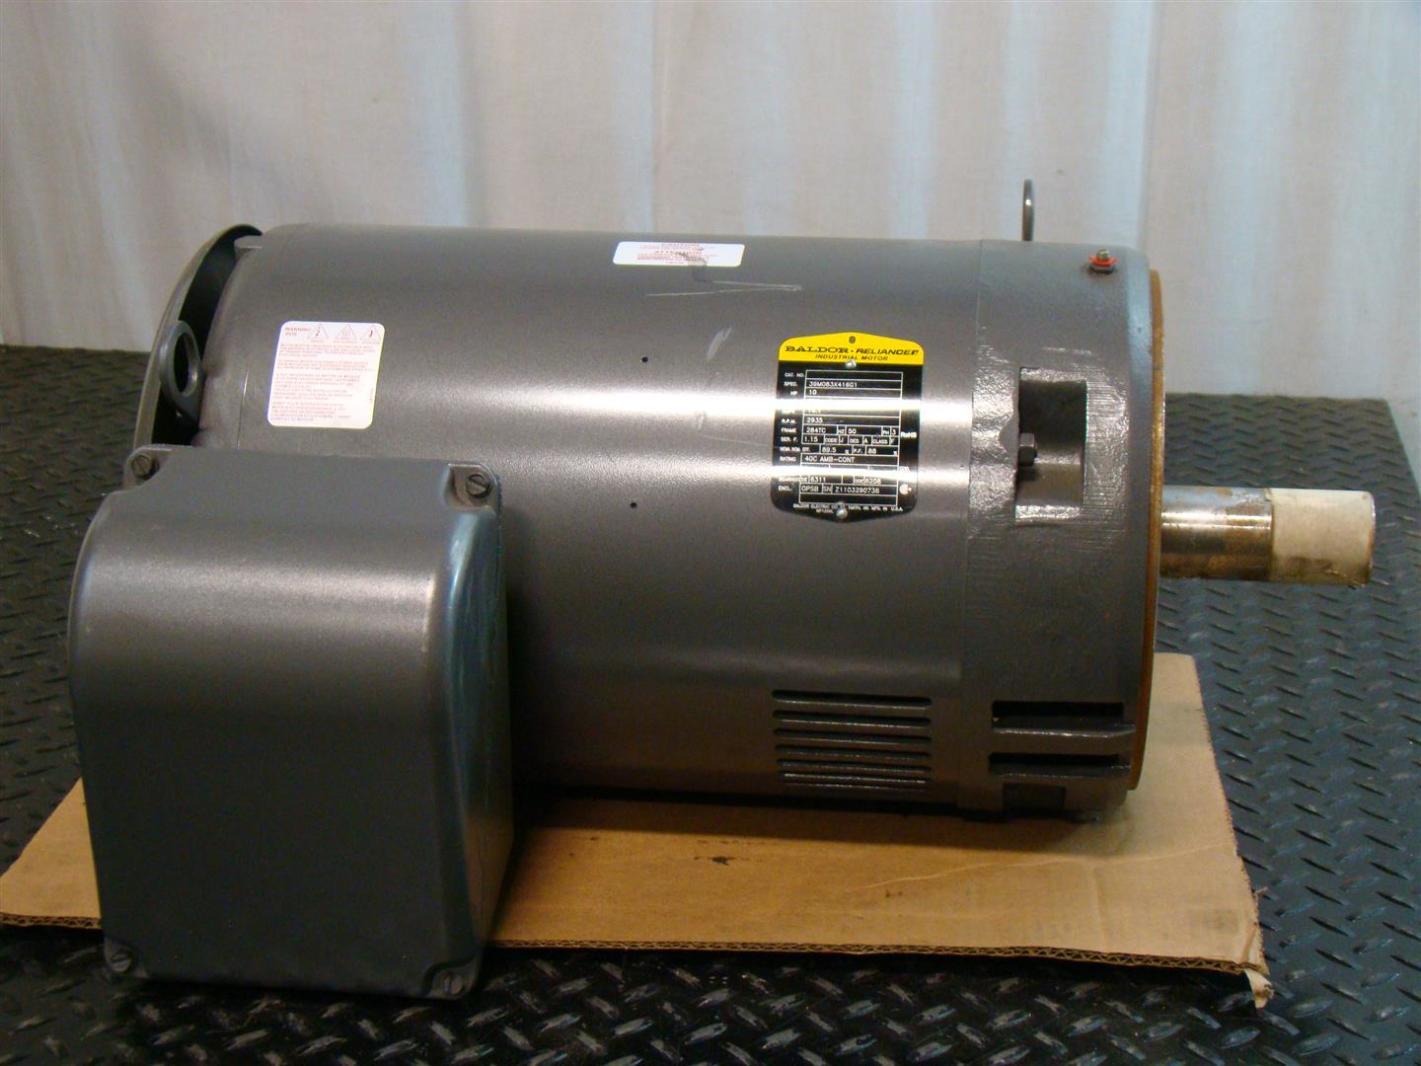 Baldor reliancer industrial motor 10hp 380v 3 2935rpm Baldor industrial motor pump